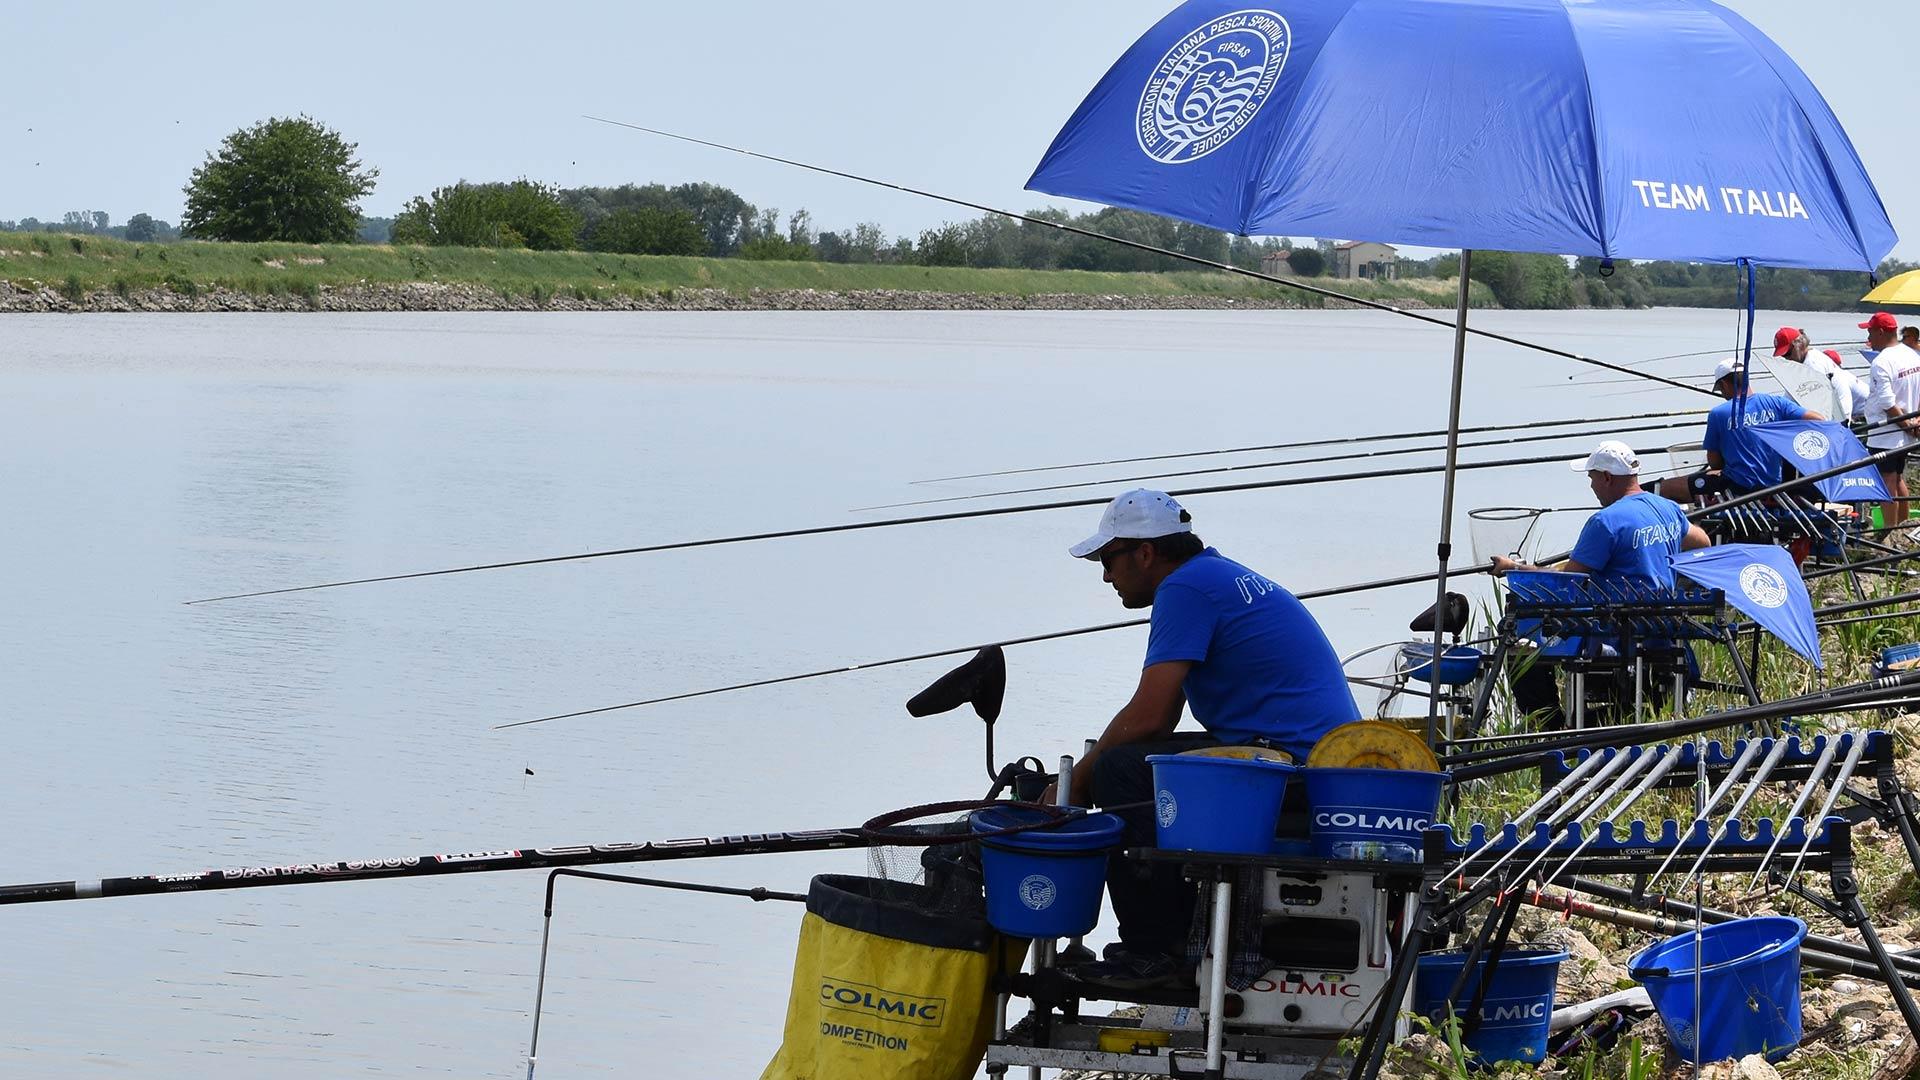 ANDRA' TUTTO BENE – CANALE PARMIGIANA MOGLIA – SAN SIRO (MN) 26 LUGLIO 2020